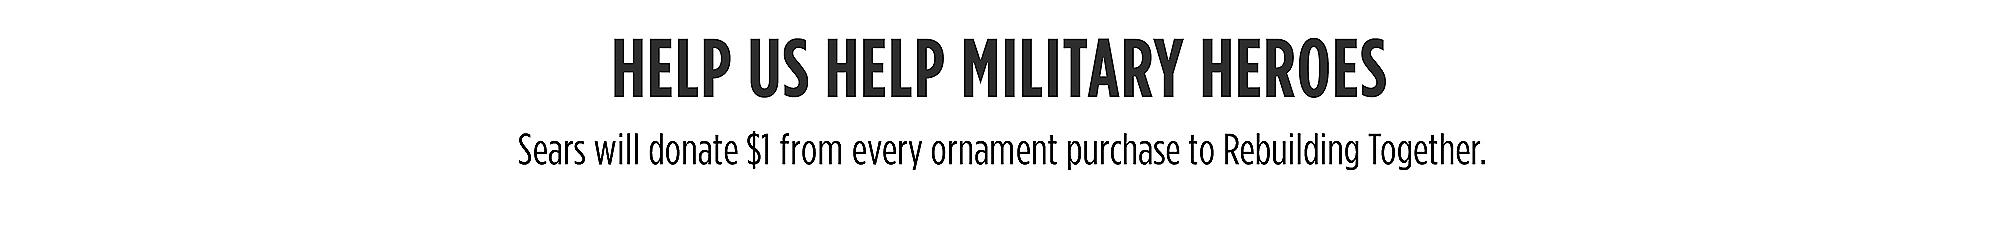 Help Us Help Military Heroes